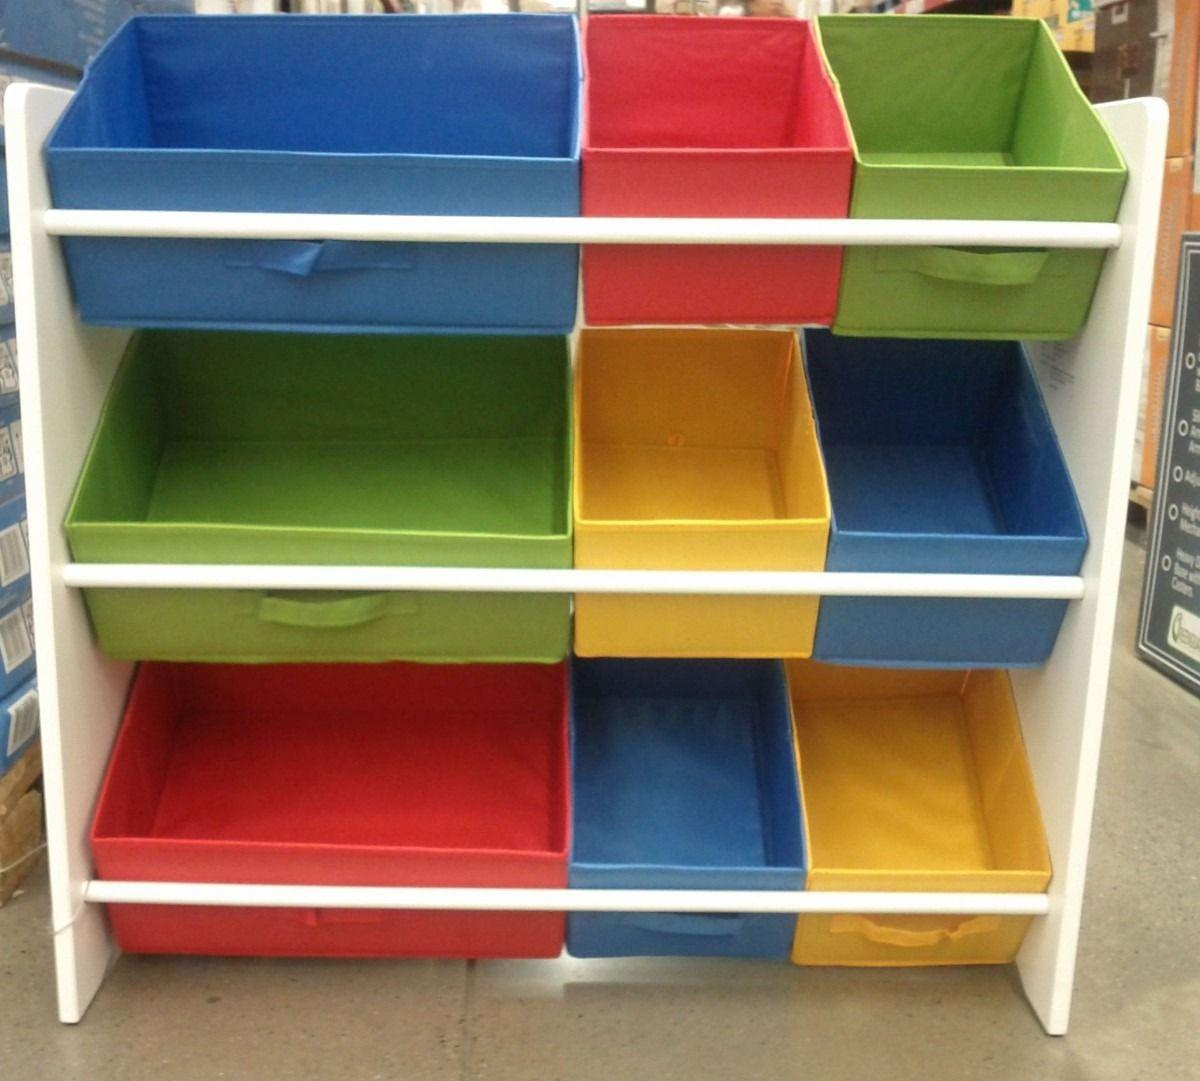 Organizador infantil caixas para brinquedos estante - Organizador armarios ...